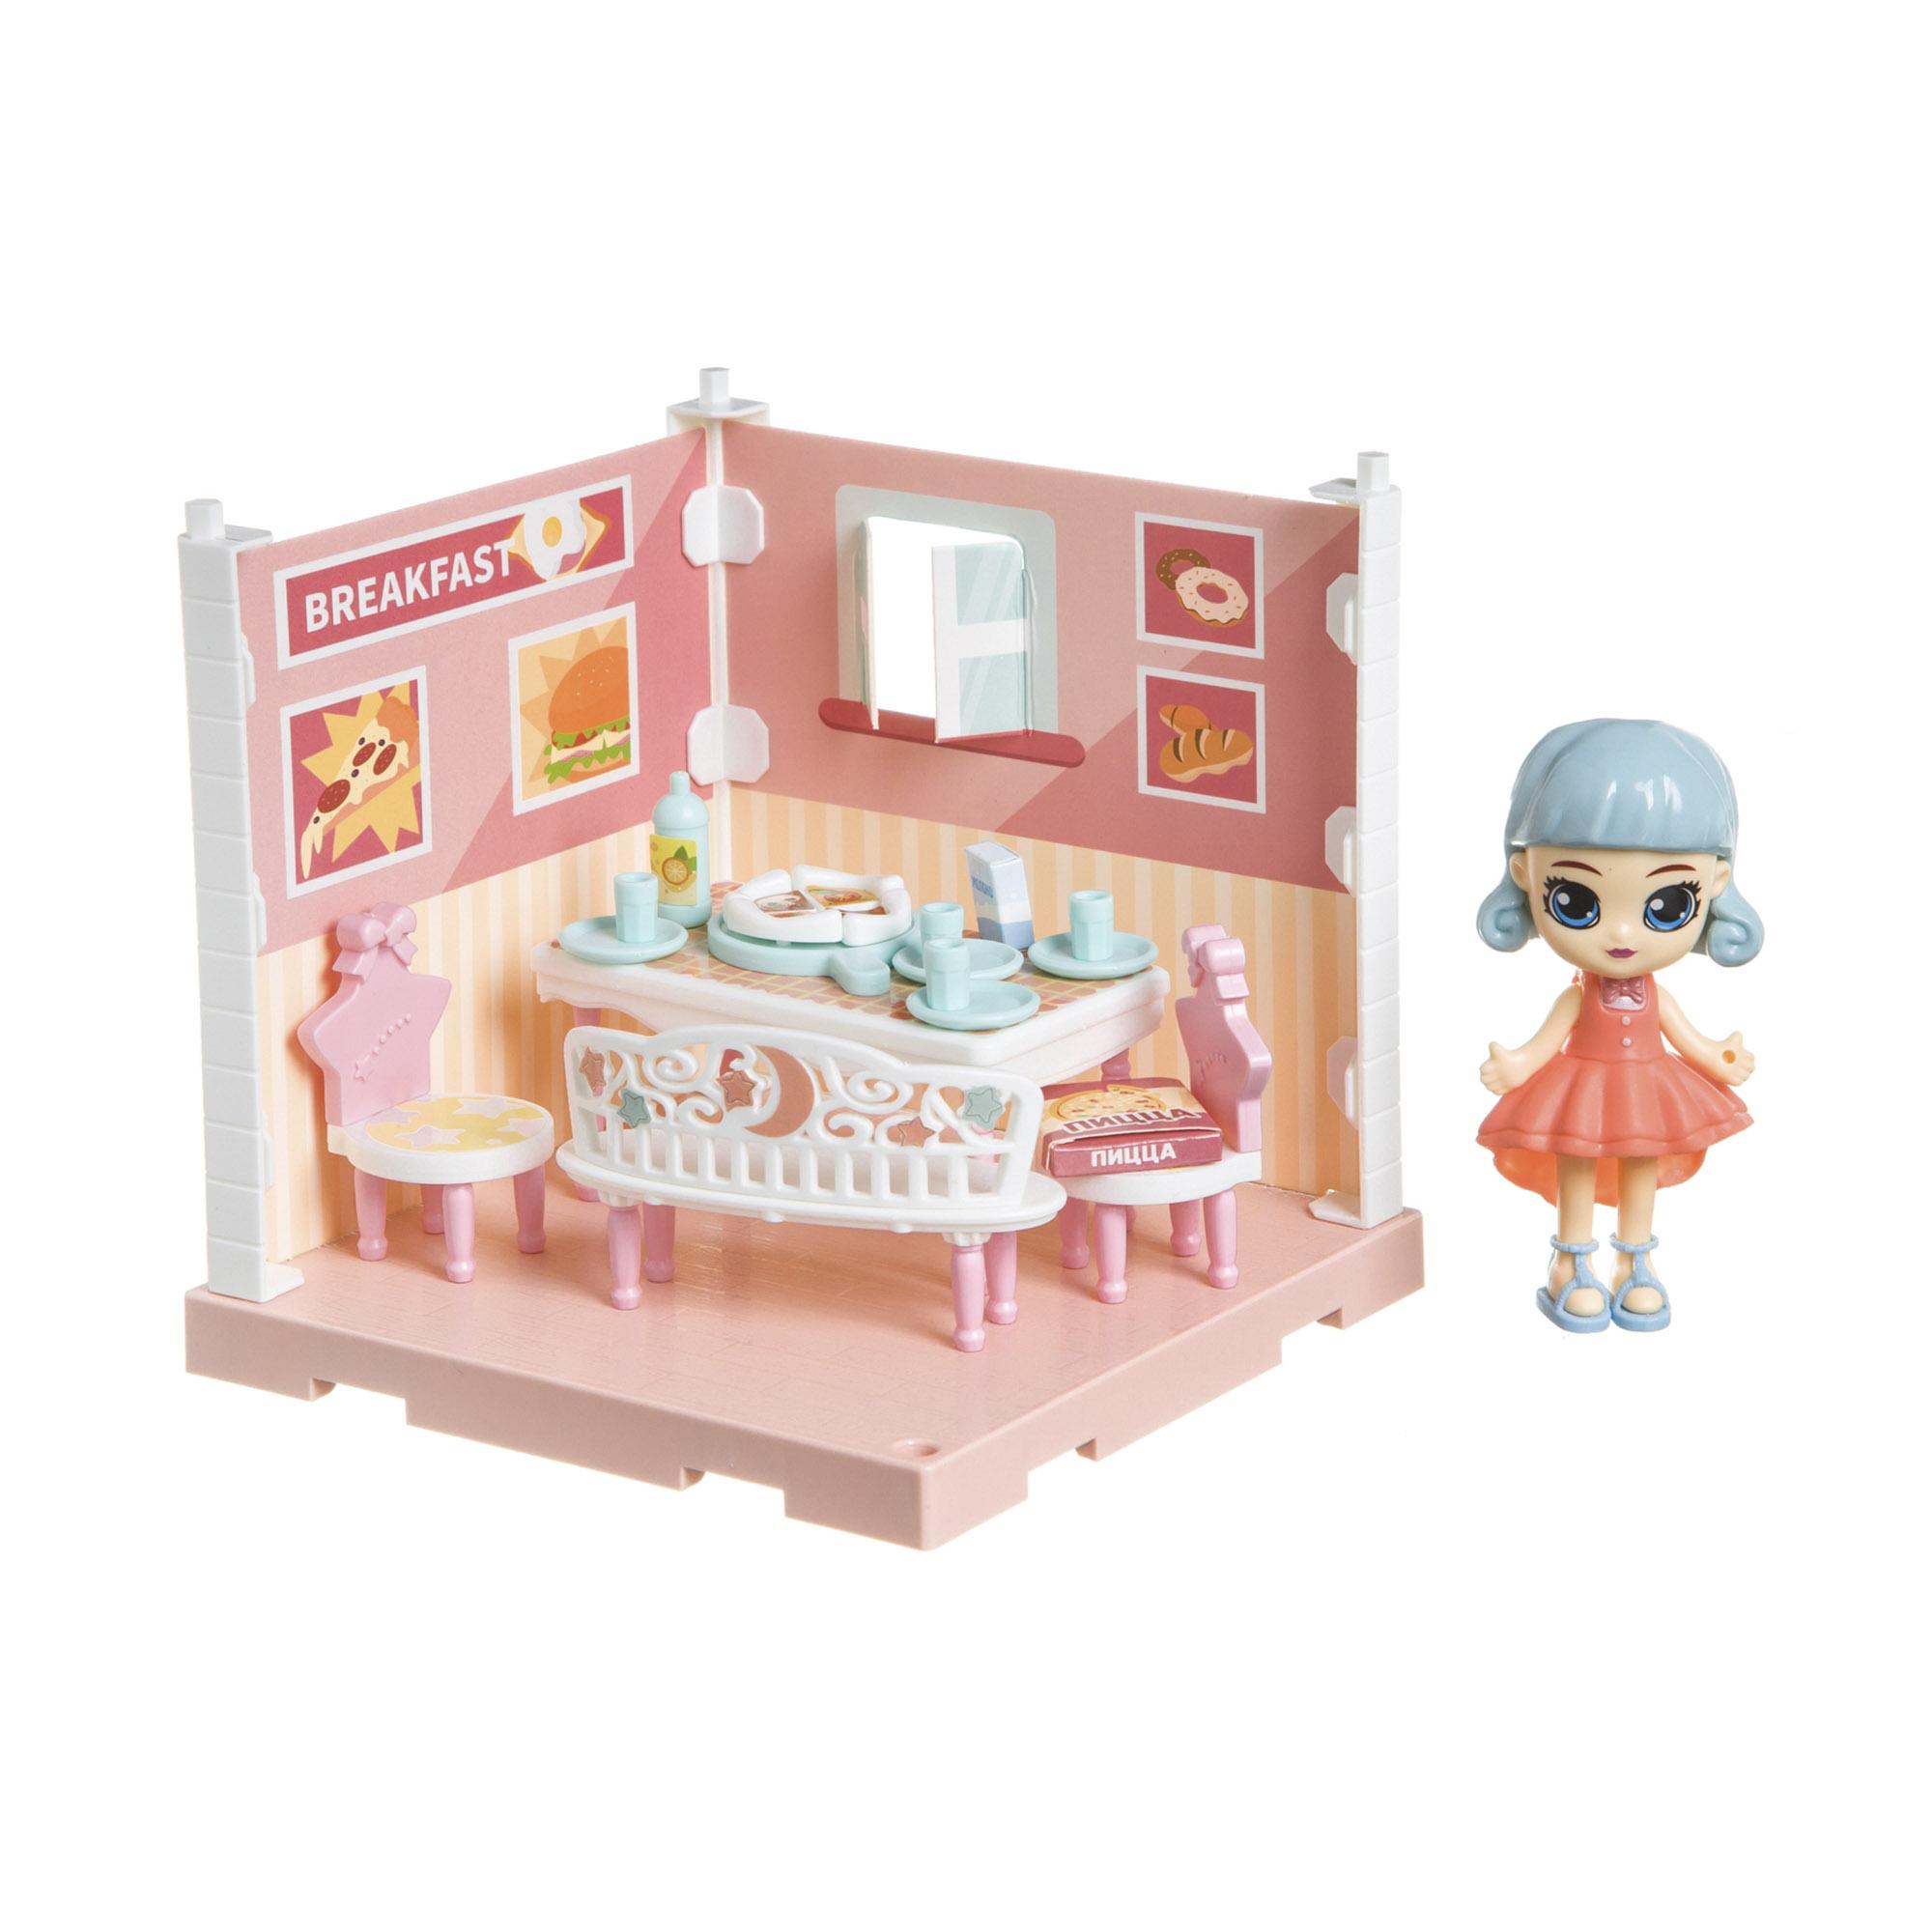 Фото - Набор игровой Bondibon Кукольный уголок столовая и куколка Oly набор игровой bondibon кукольный уголок гостиная и куколка oly